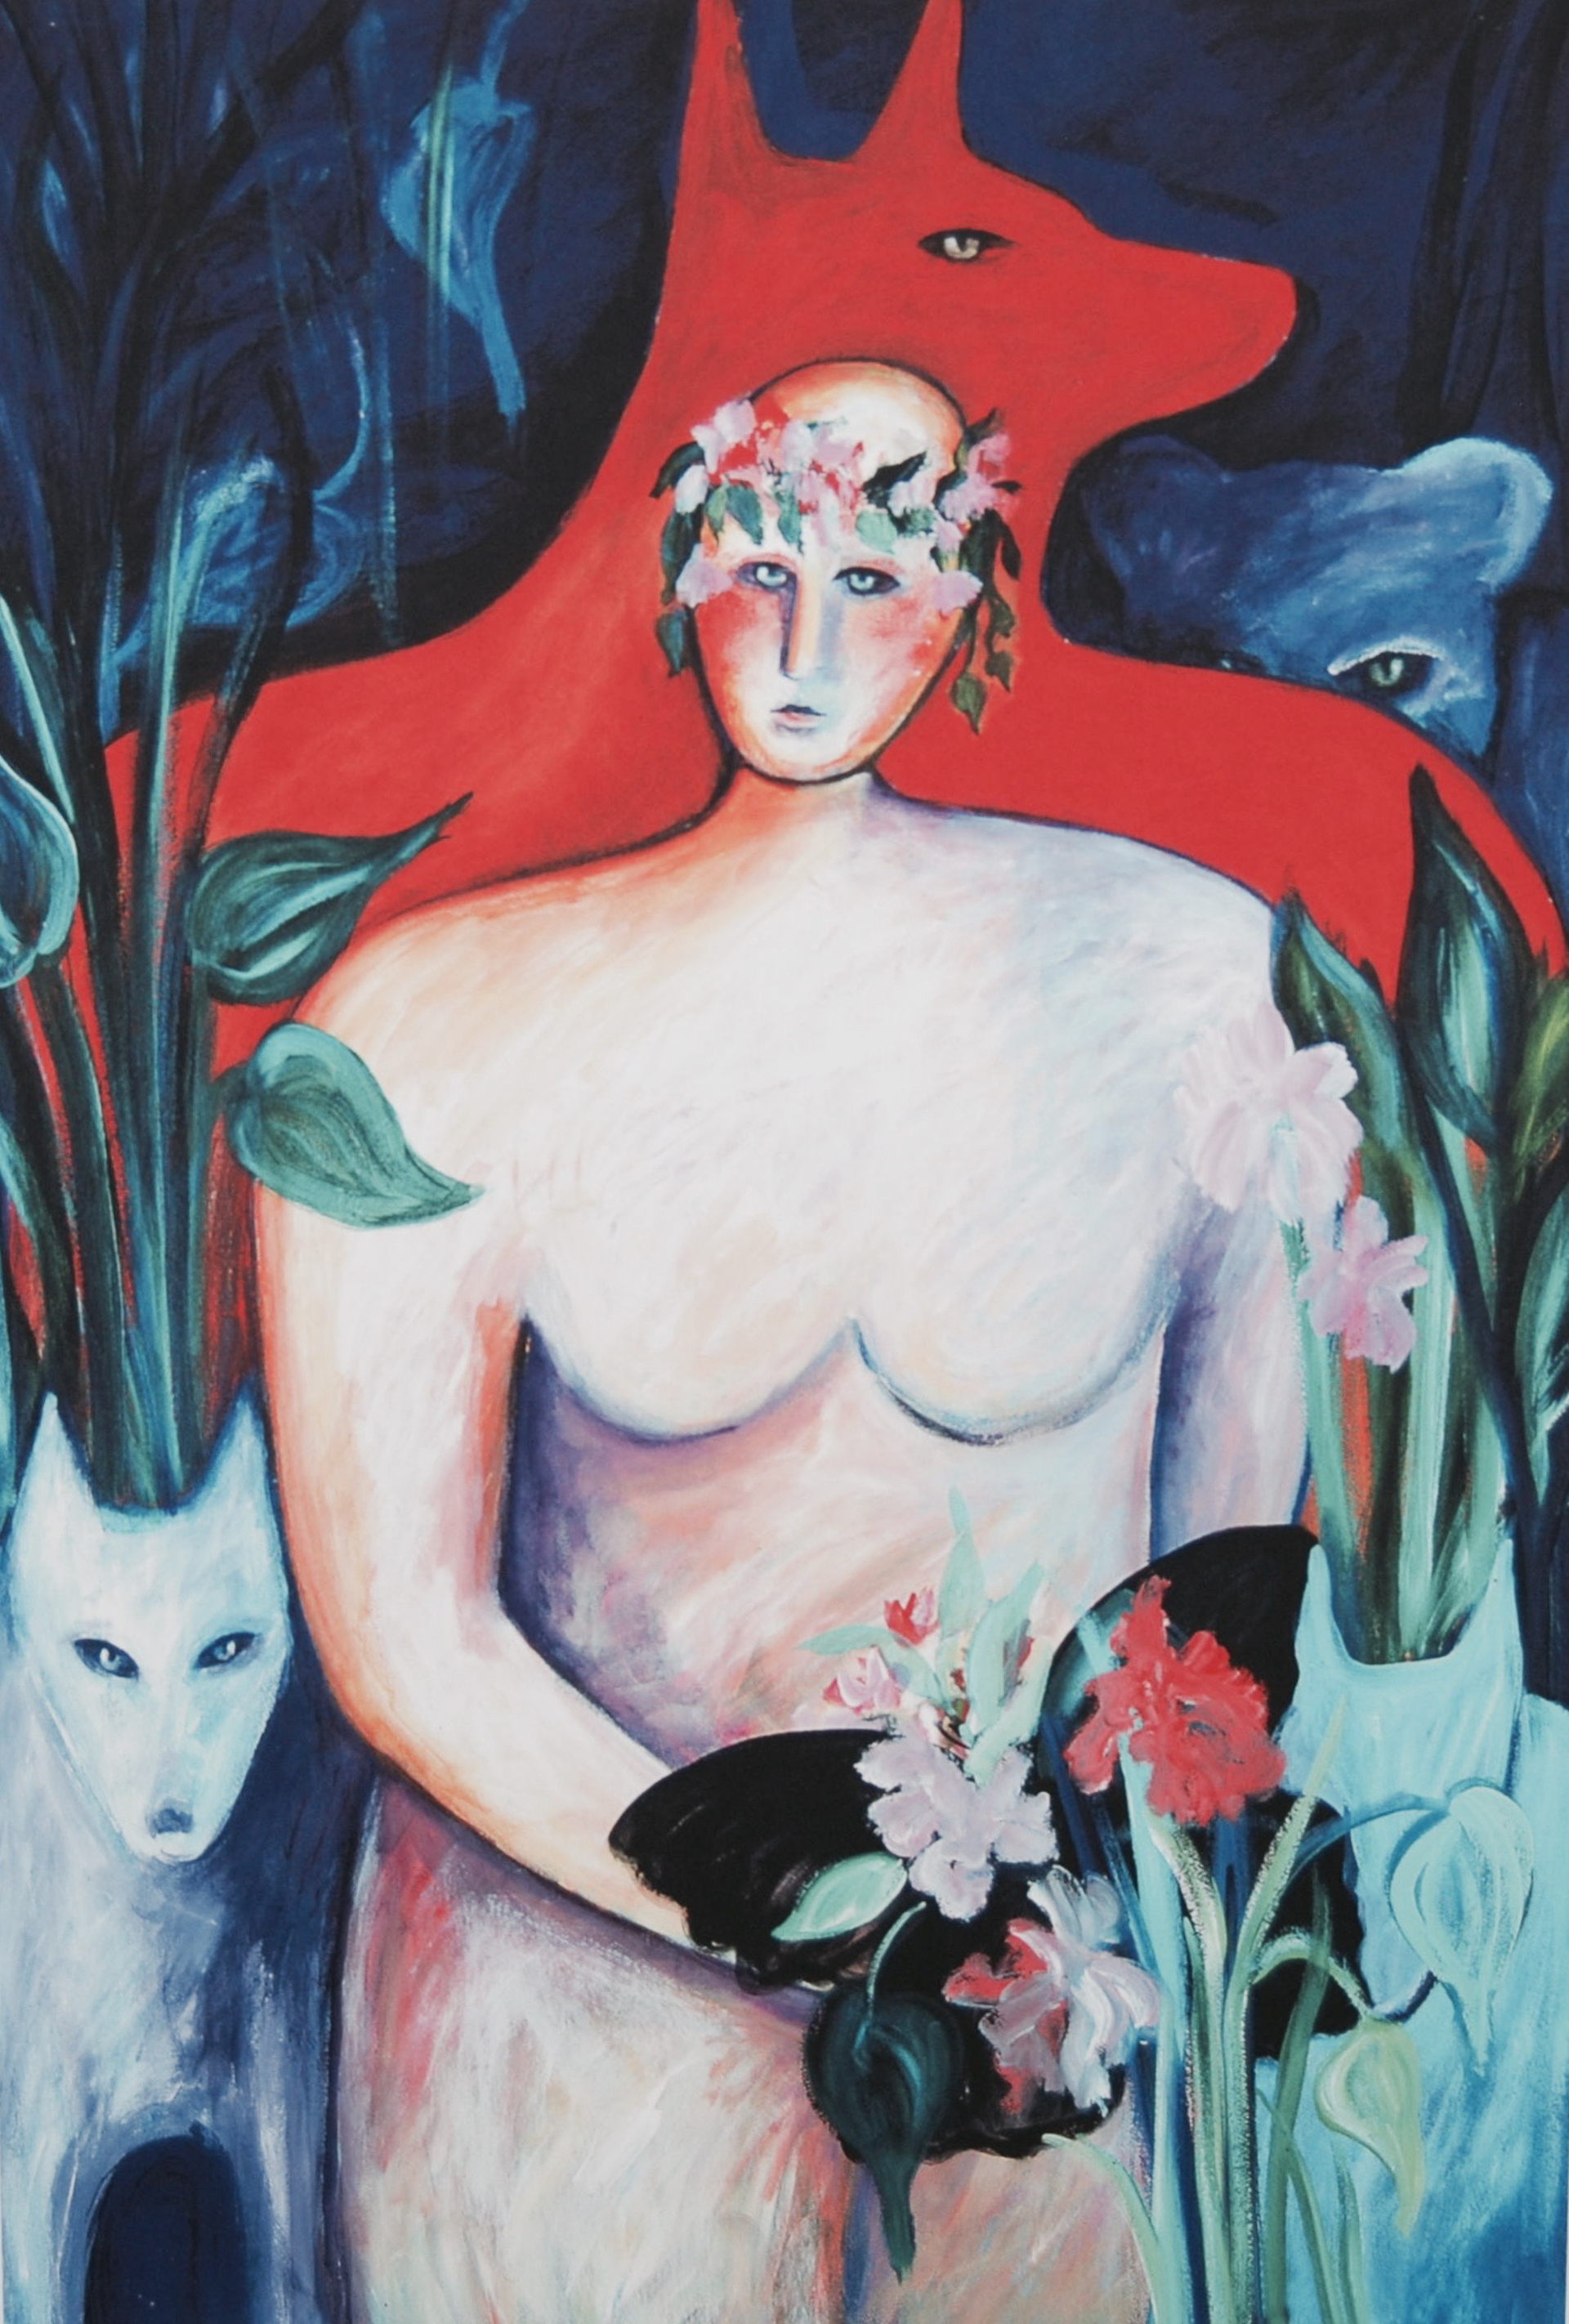 In the Garden - Unframed by Carole LaRoche